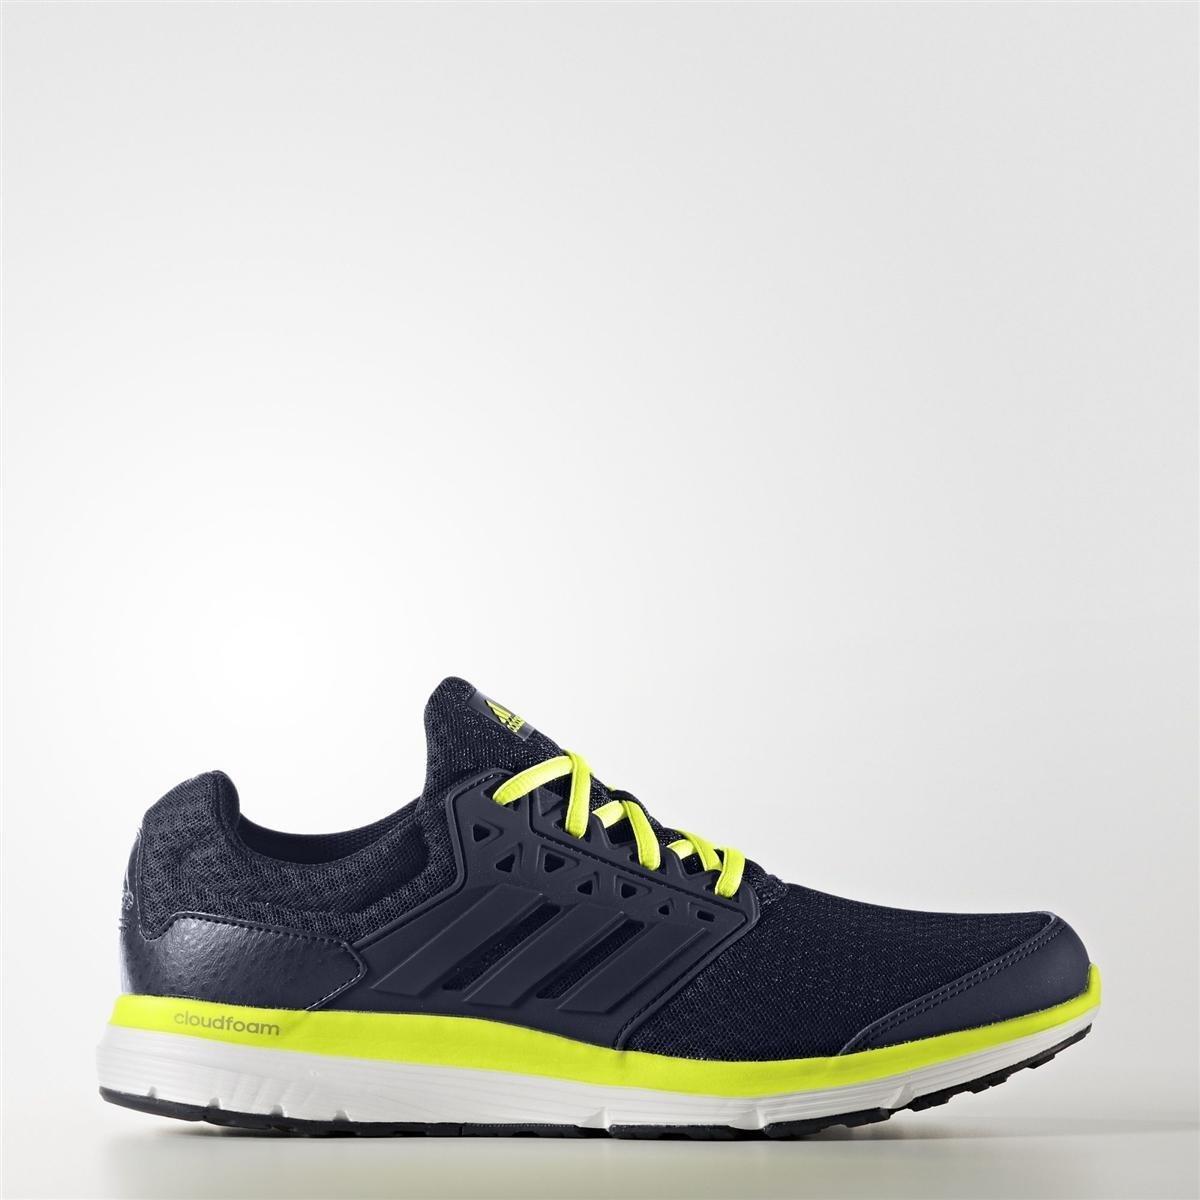 095e43e293 Tênis Adidas Galaxy 3.1 - Compre Agora